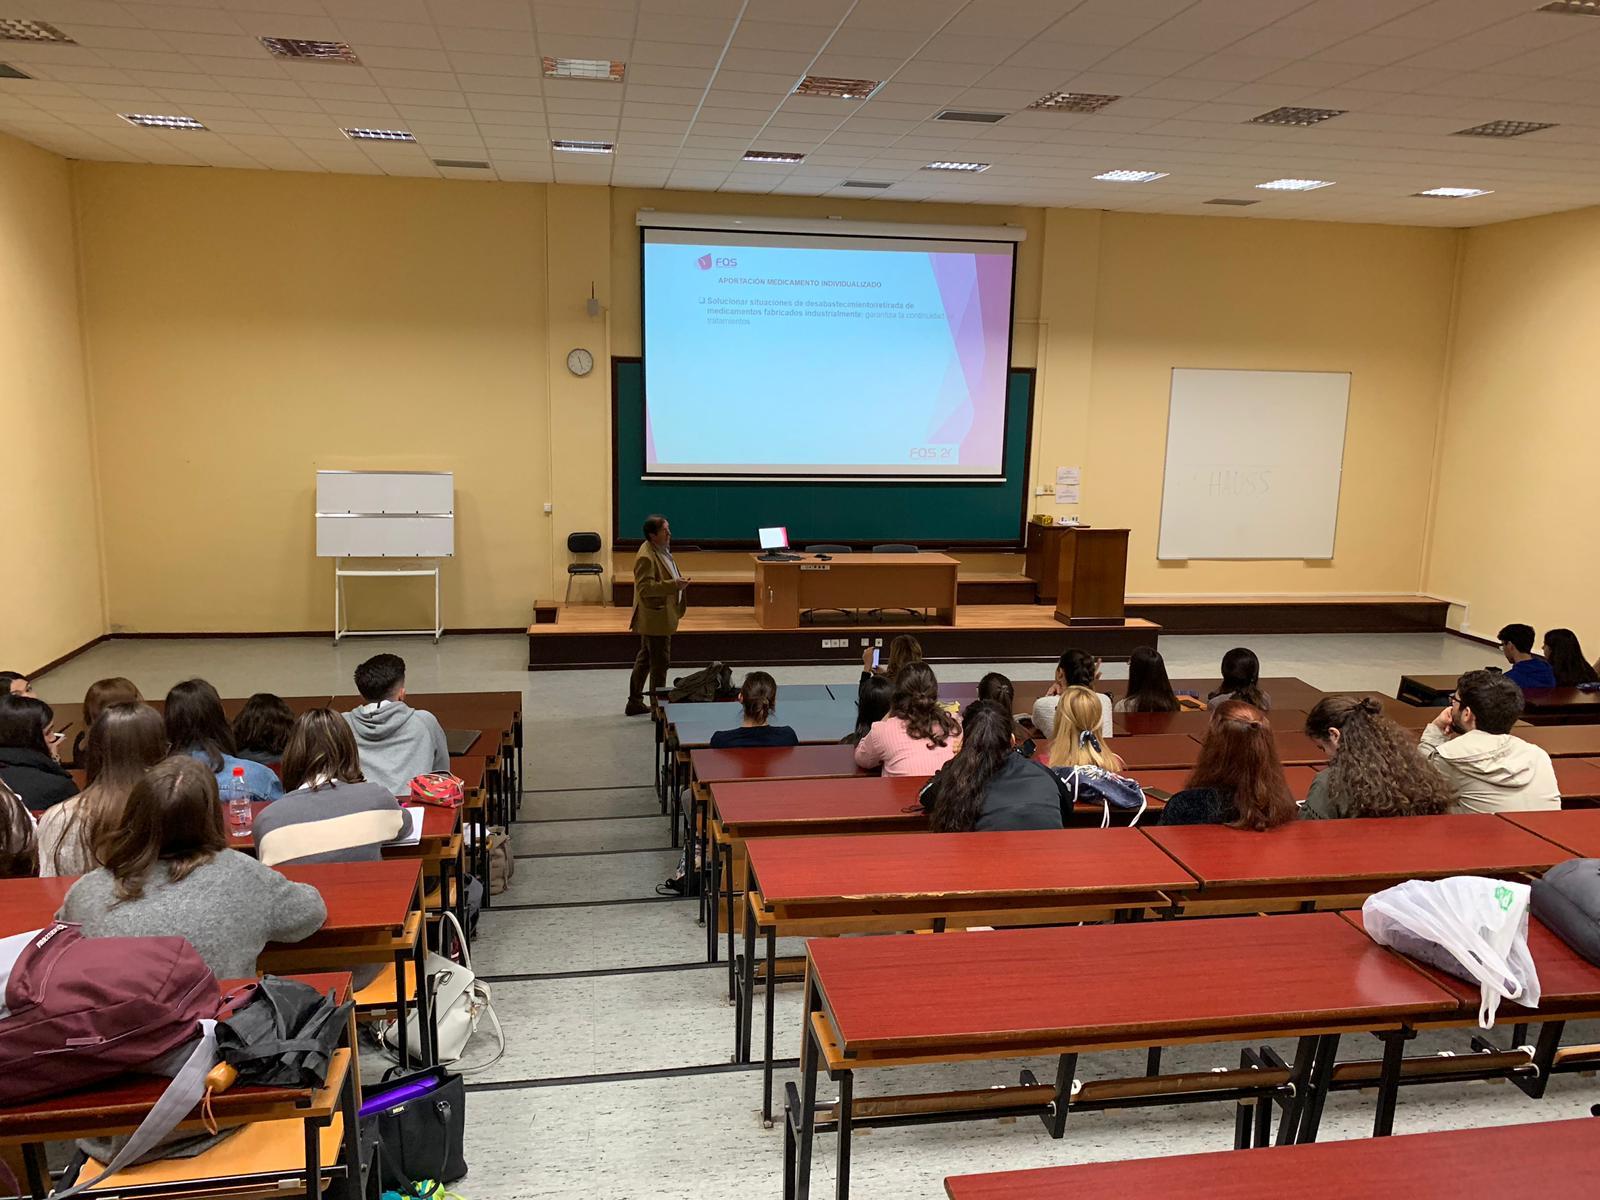 Juan José García imparte una clase en el Grado de Medicina de la Universidad de Málaga